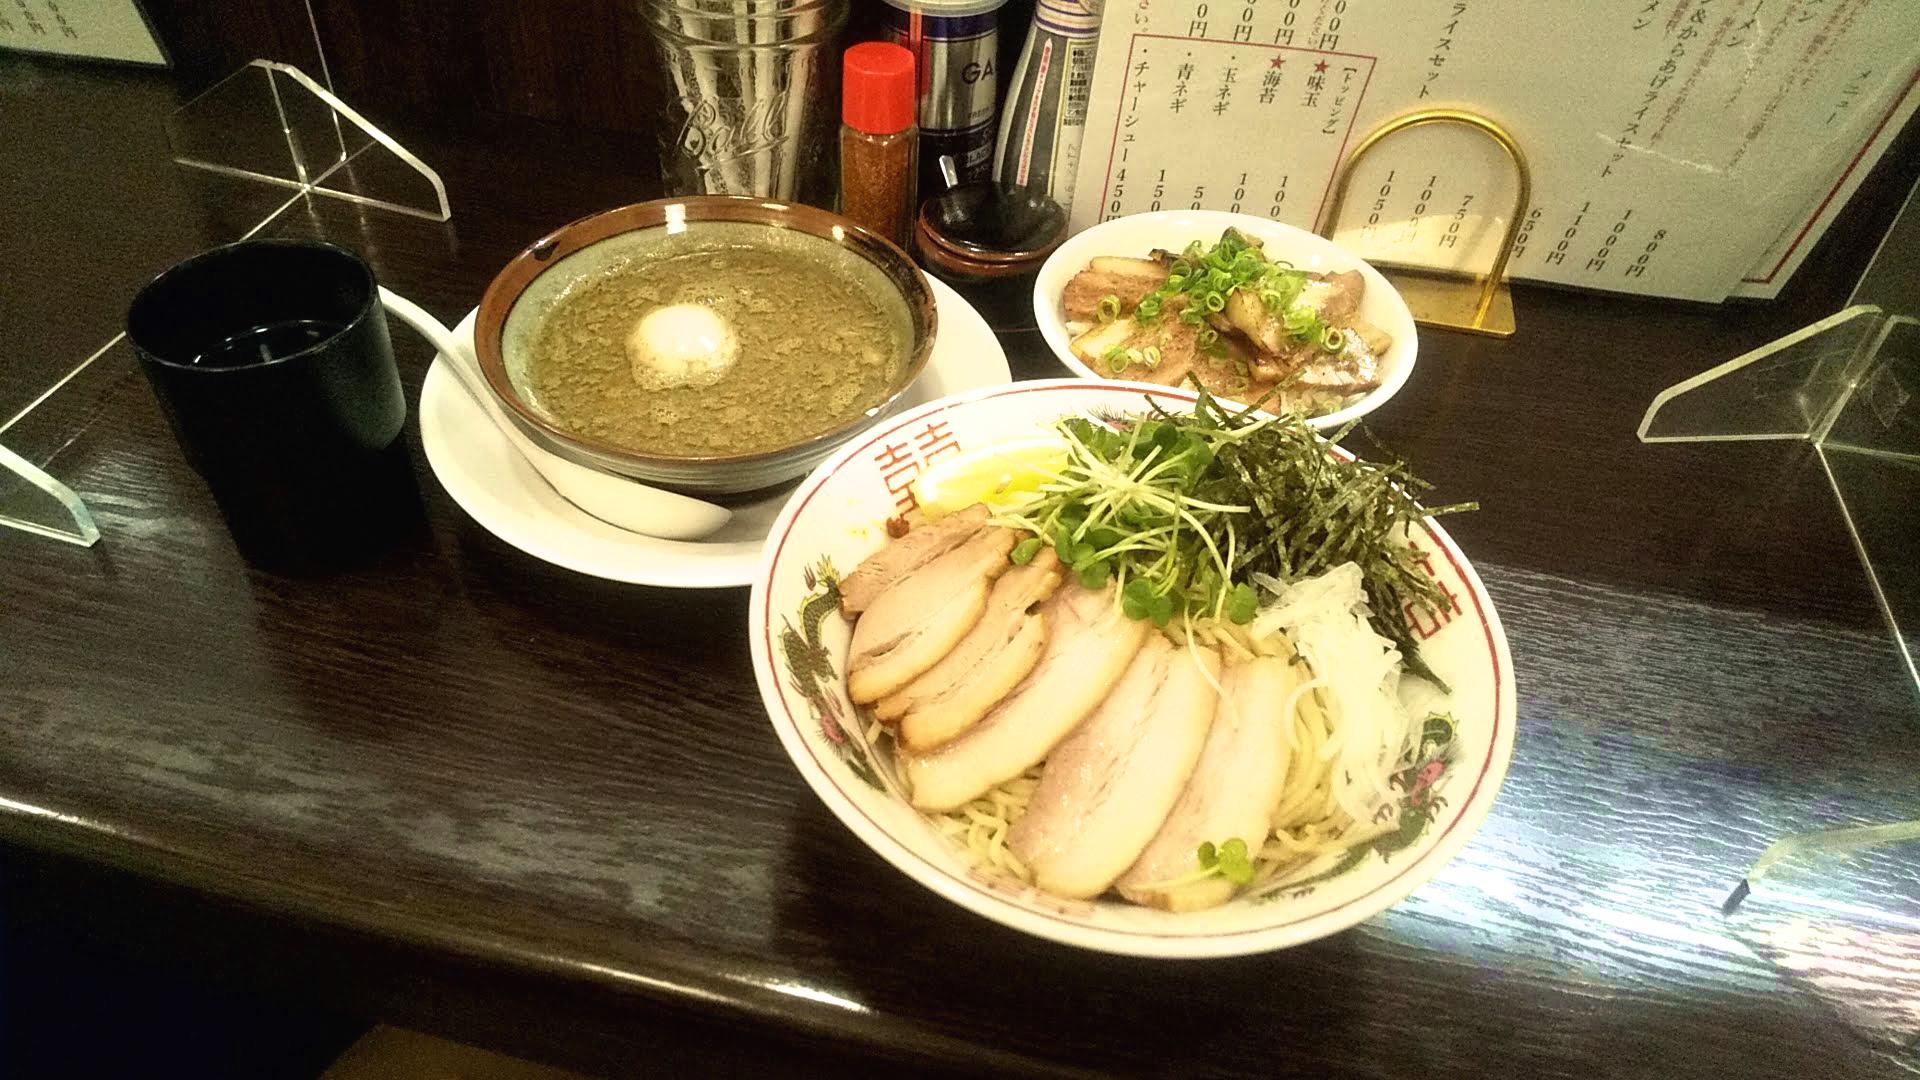 浅草参食堂の特製つけ麺の写真